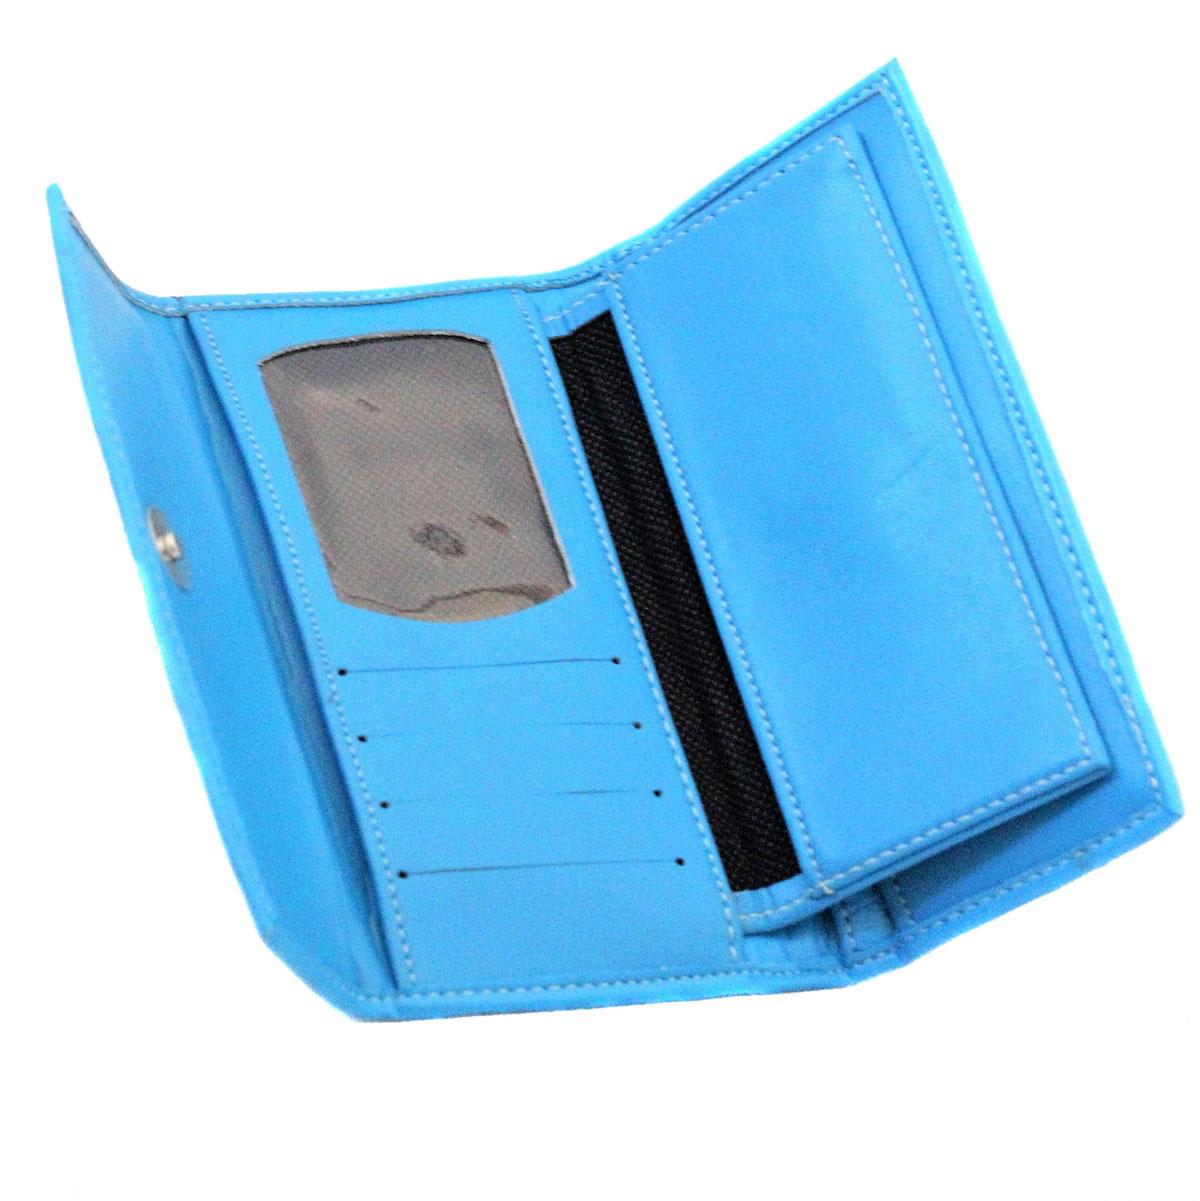 Inka-Products-Portefeuille péruvien QHUSI-Blue Ciel Coloré Ethnique-2